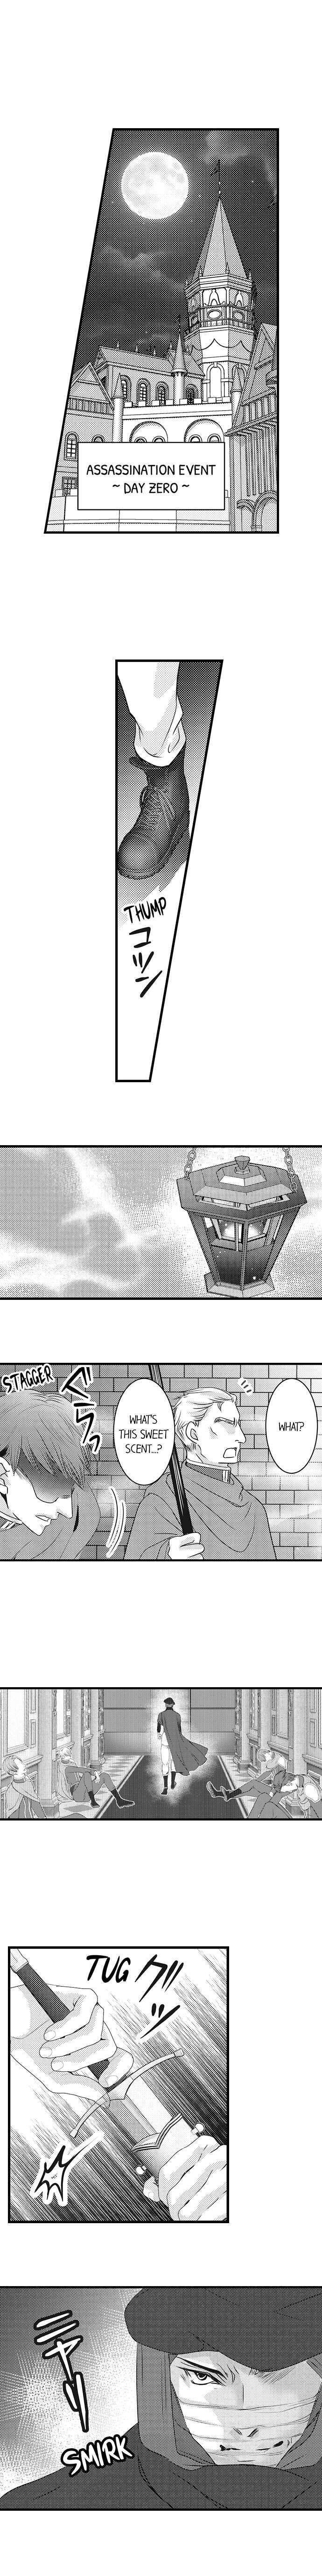 Akuyaku Reijo To Shite Shikei Senkoku Sa Retara Dai Akuma Ni Mede Raremashita Chapter 14 page 10 - Mangakakalots.com